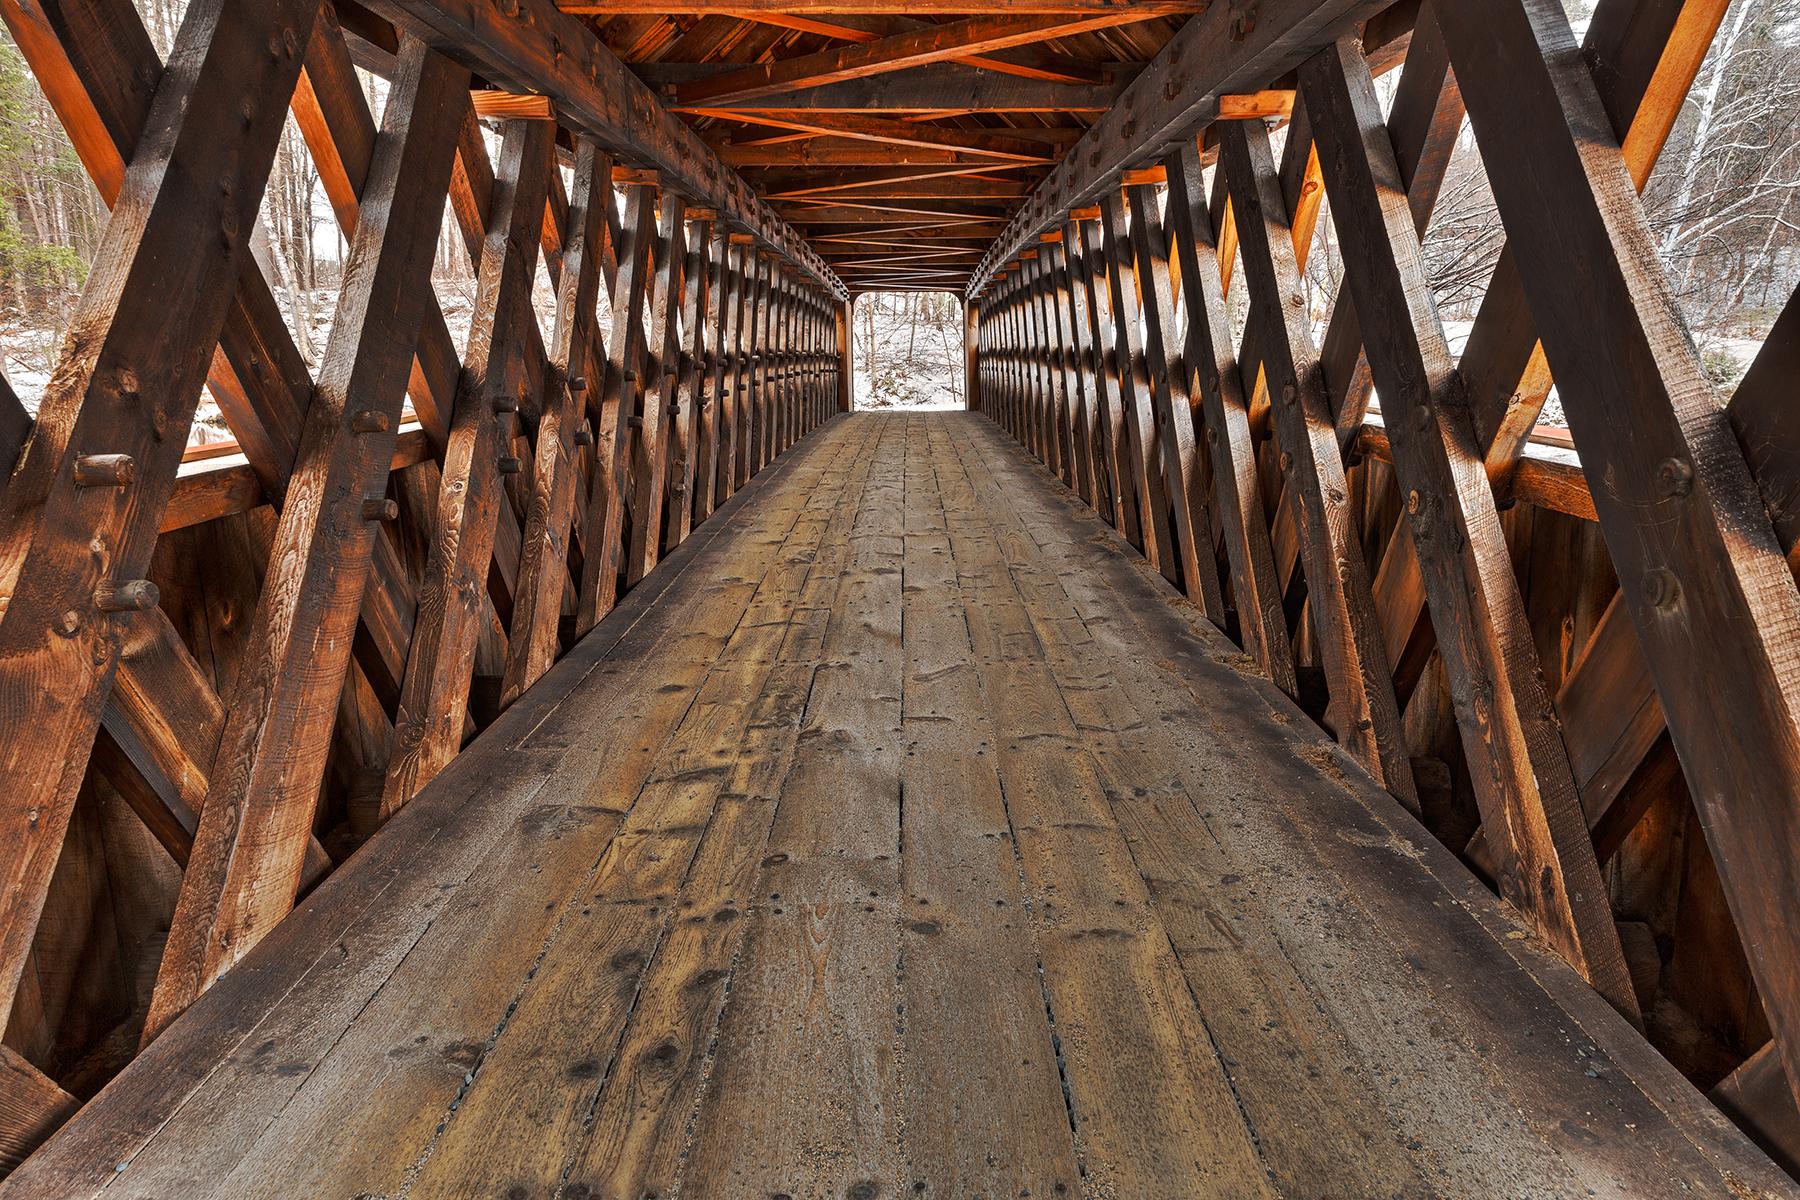 Jack o'lantern covered bridge - hdr photo